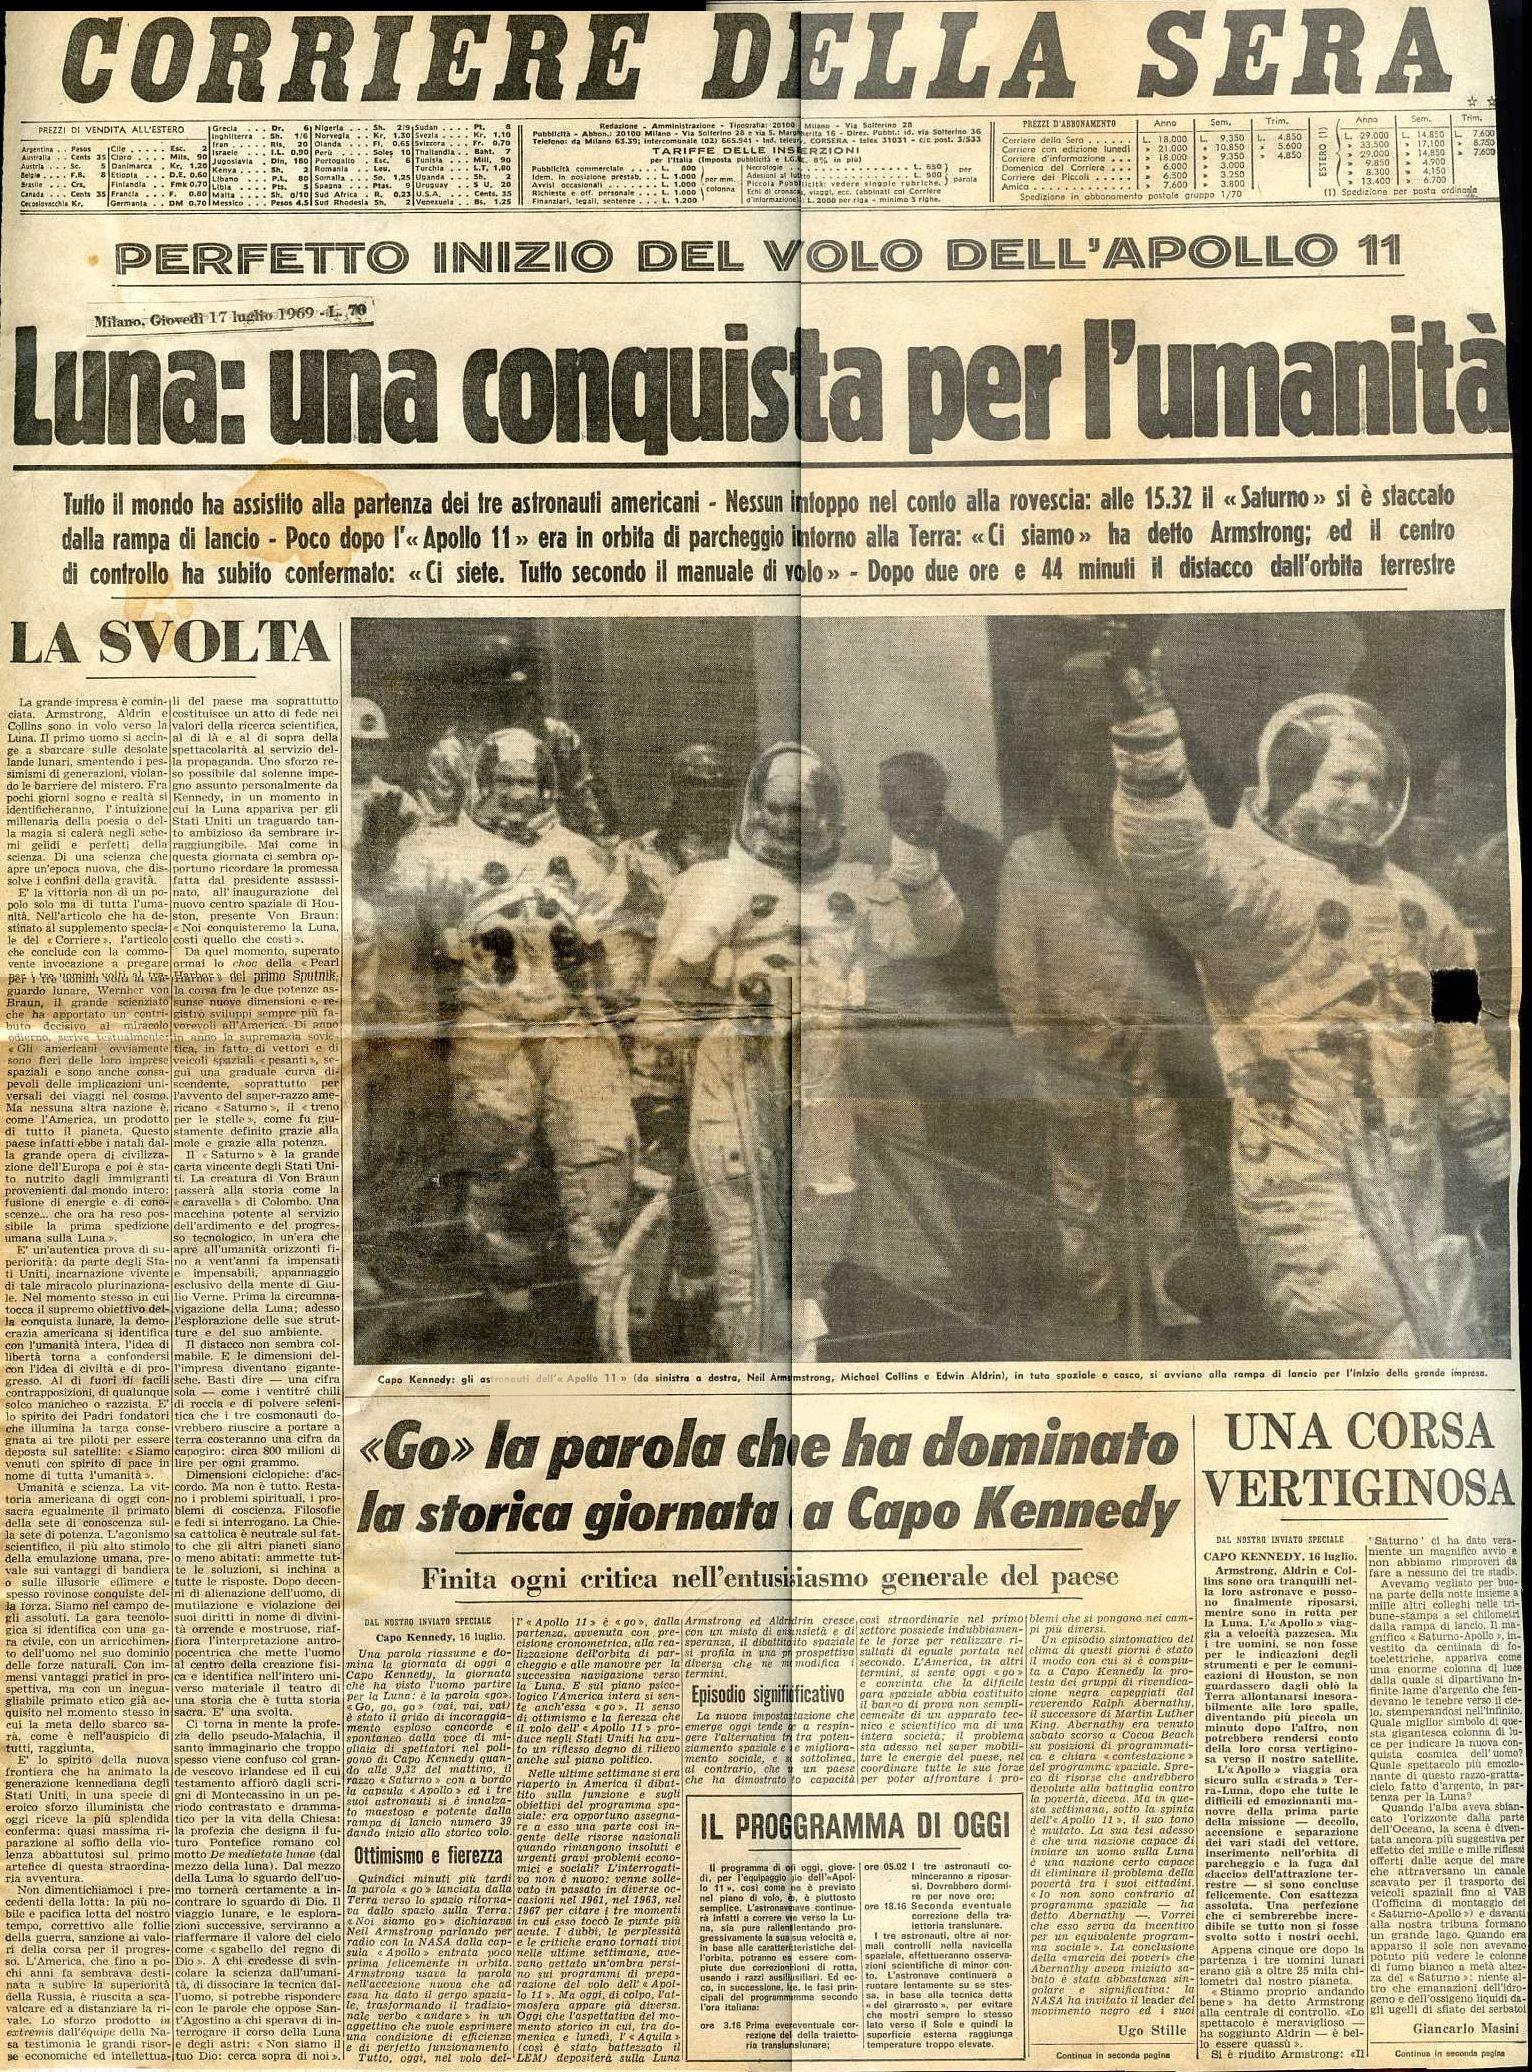 Corriere Della Sera 17 Luglio 1969 Storia Contemporanea Storia Dell Uomo Immagini Storiche